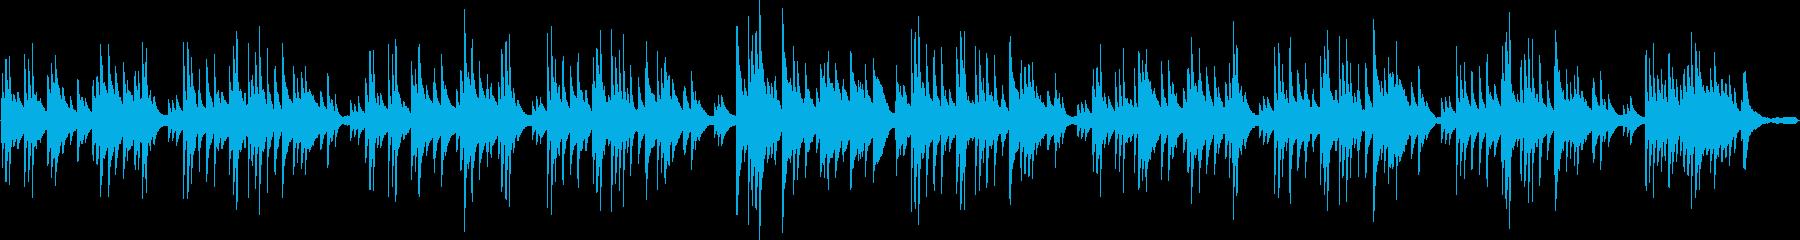 淡々とした切ないピアノバラードの再生済みの波形